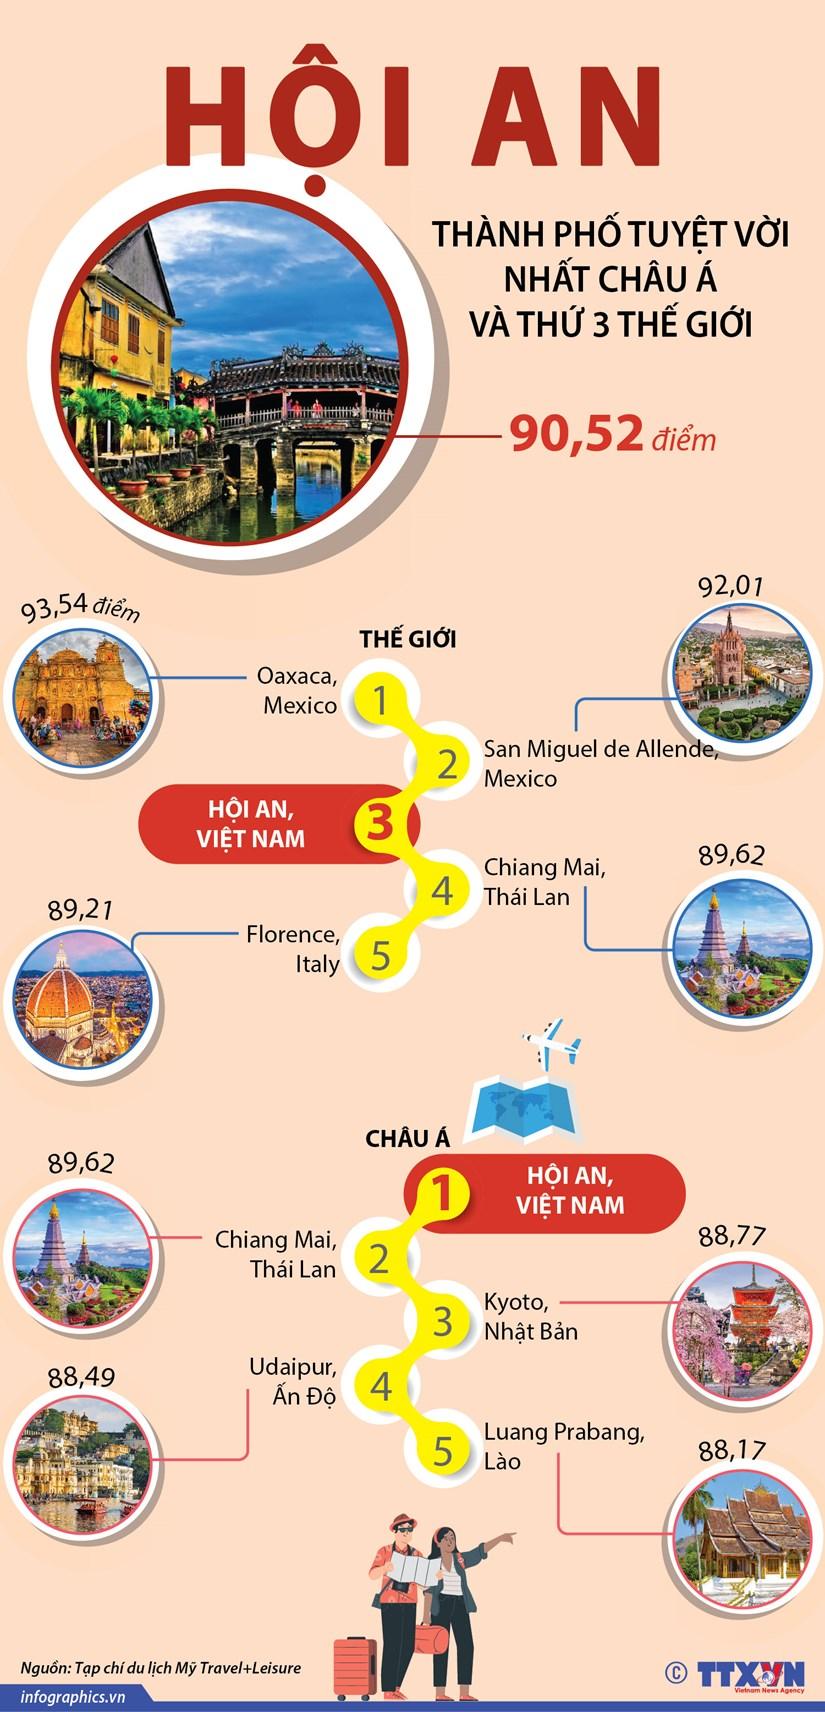 [Infographics] Hoi An tuyet voi nhat chau A va thu 2 the gioi hinh anh 1